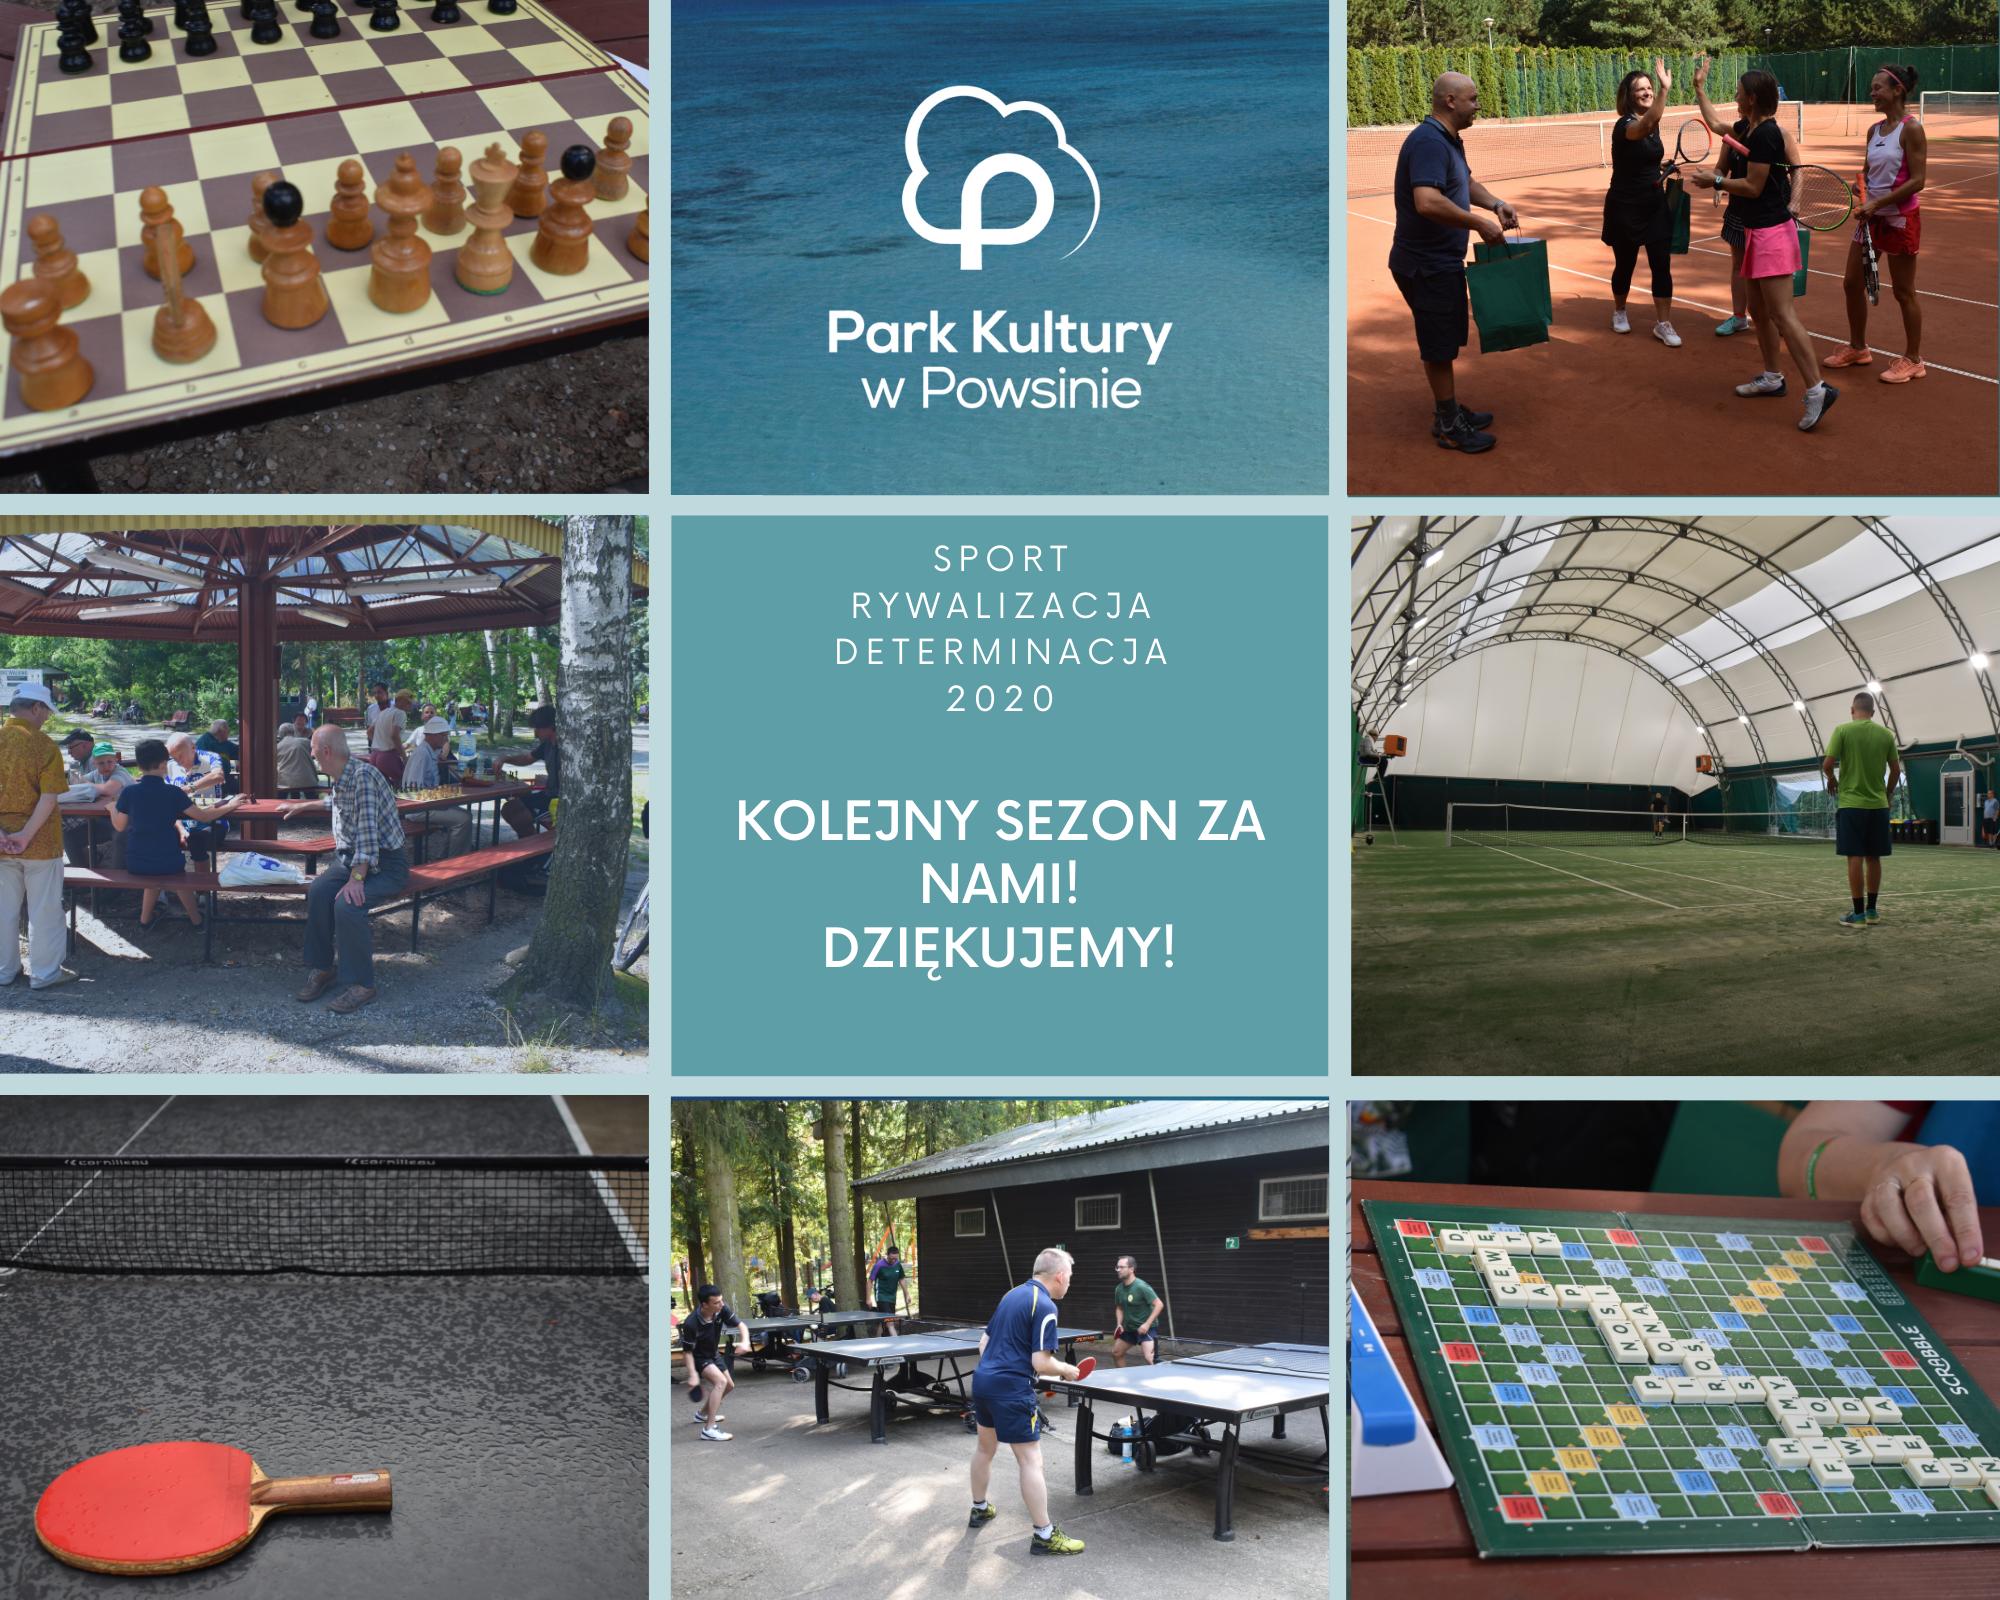 plakat podsumowujący sezon 2020 ze zdjeciami z wydarzeń sportowych które odbyły się w Parku Kultury w Powsinie.